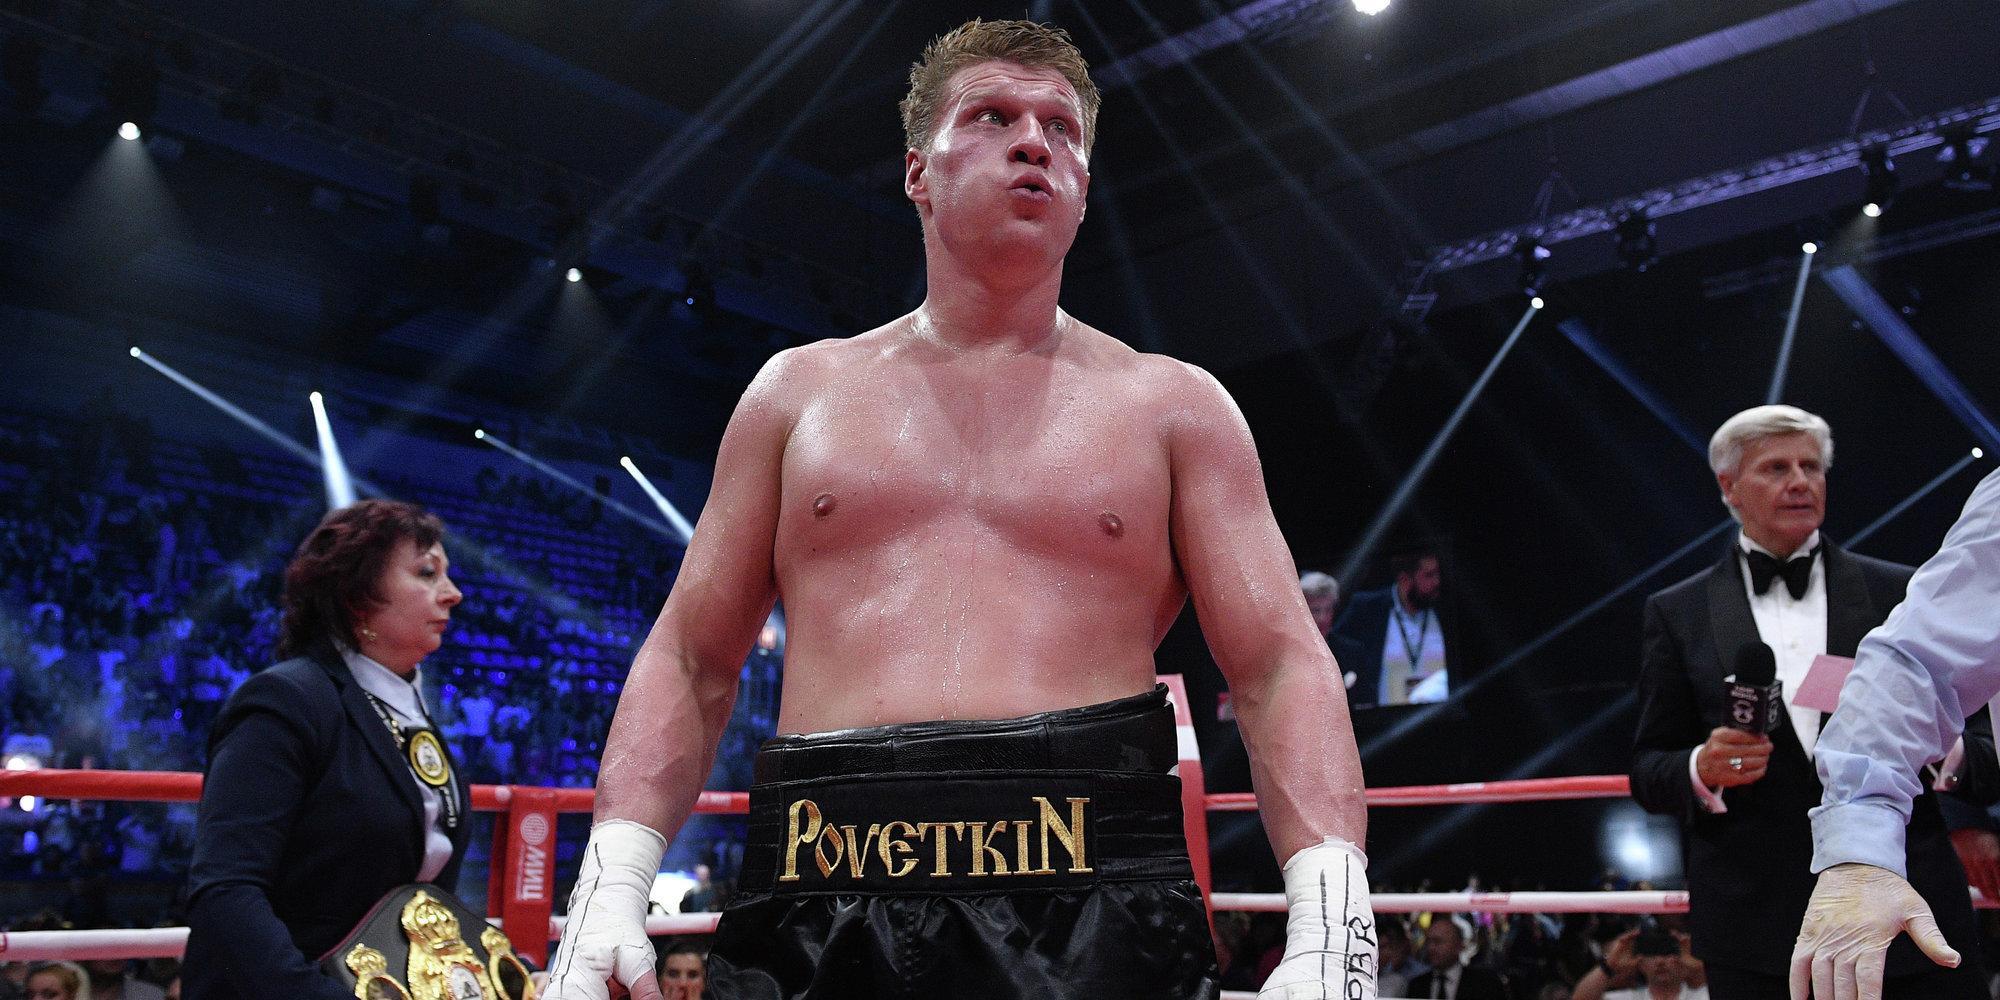 Поветкин, опасные британцы и экс-чемпион. Кто станет первым соперником Усика в супертяжелом весе